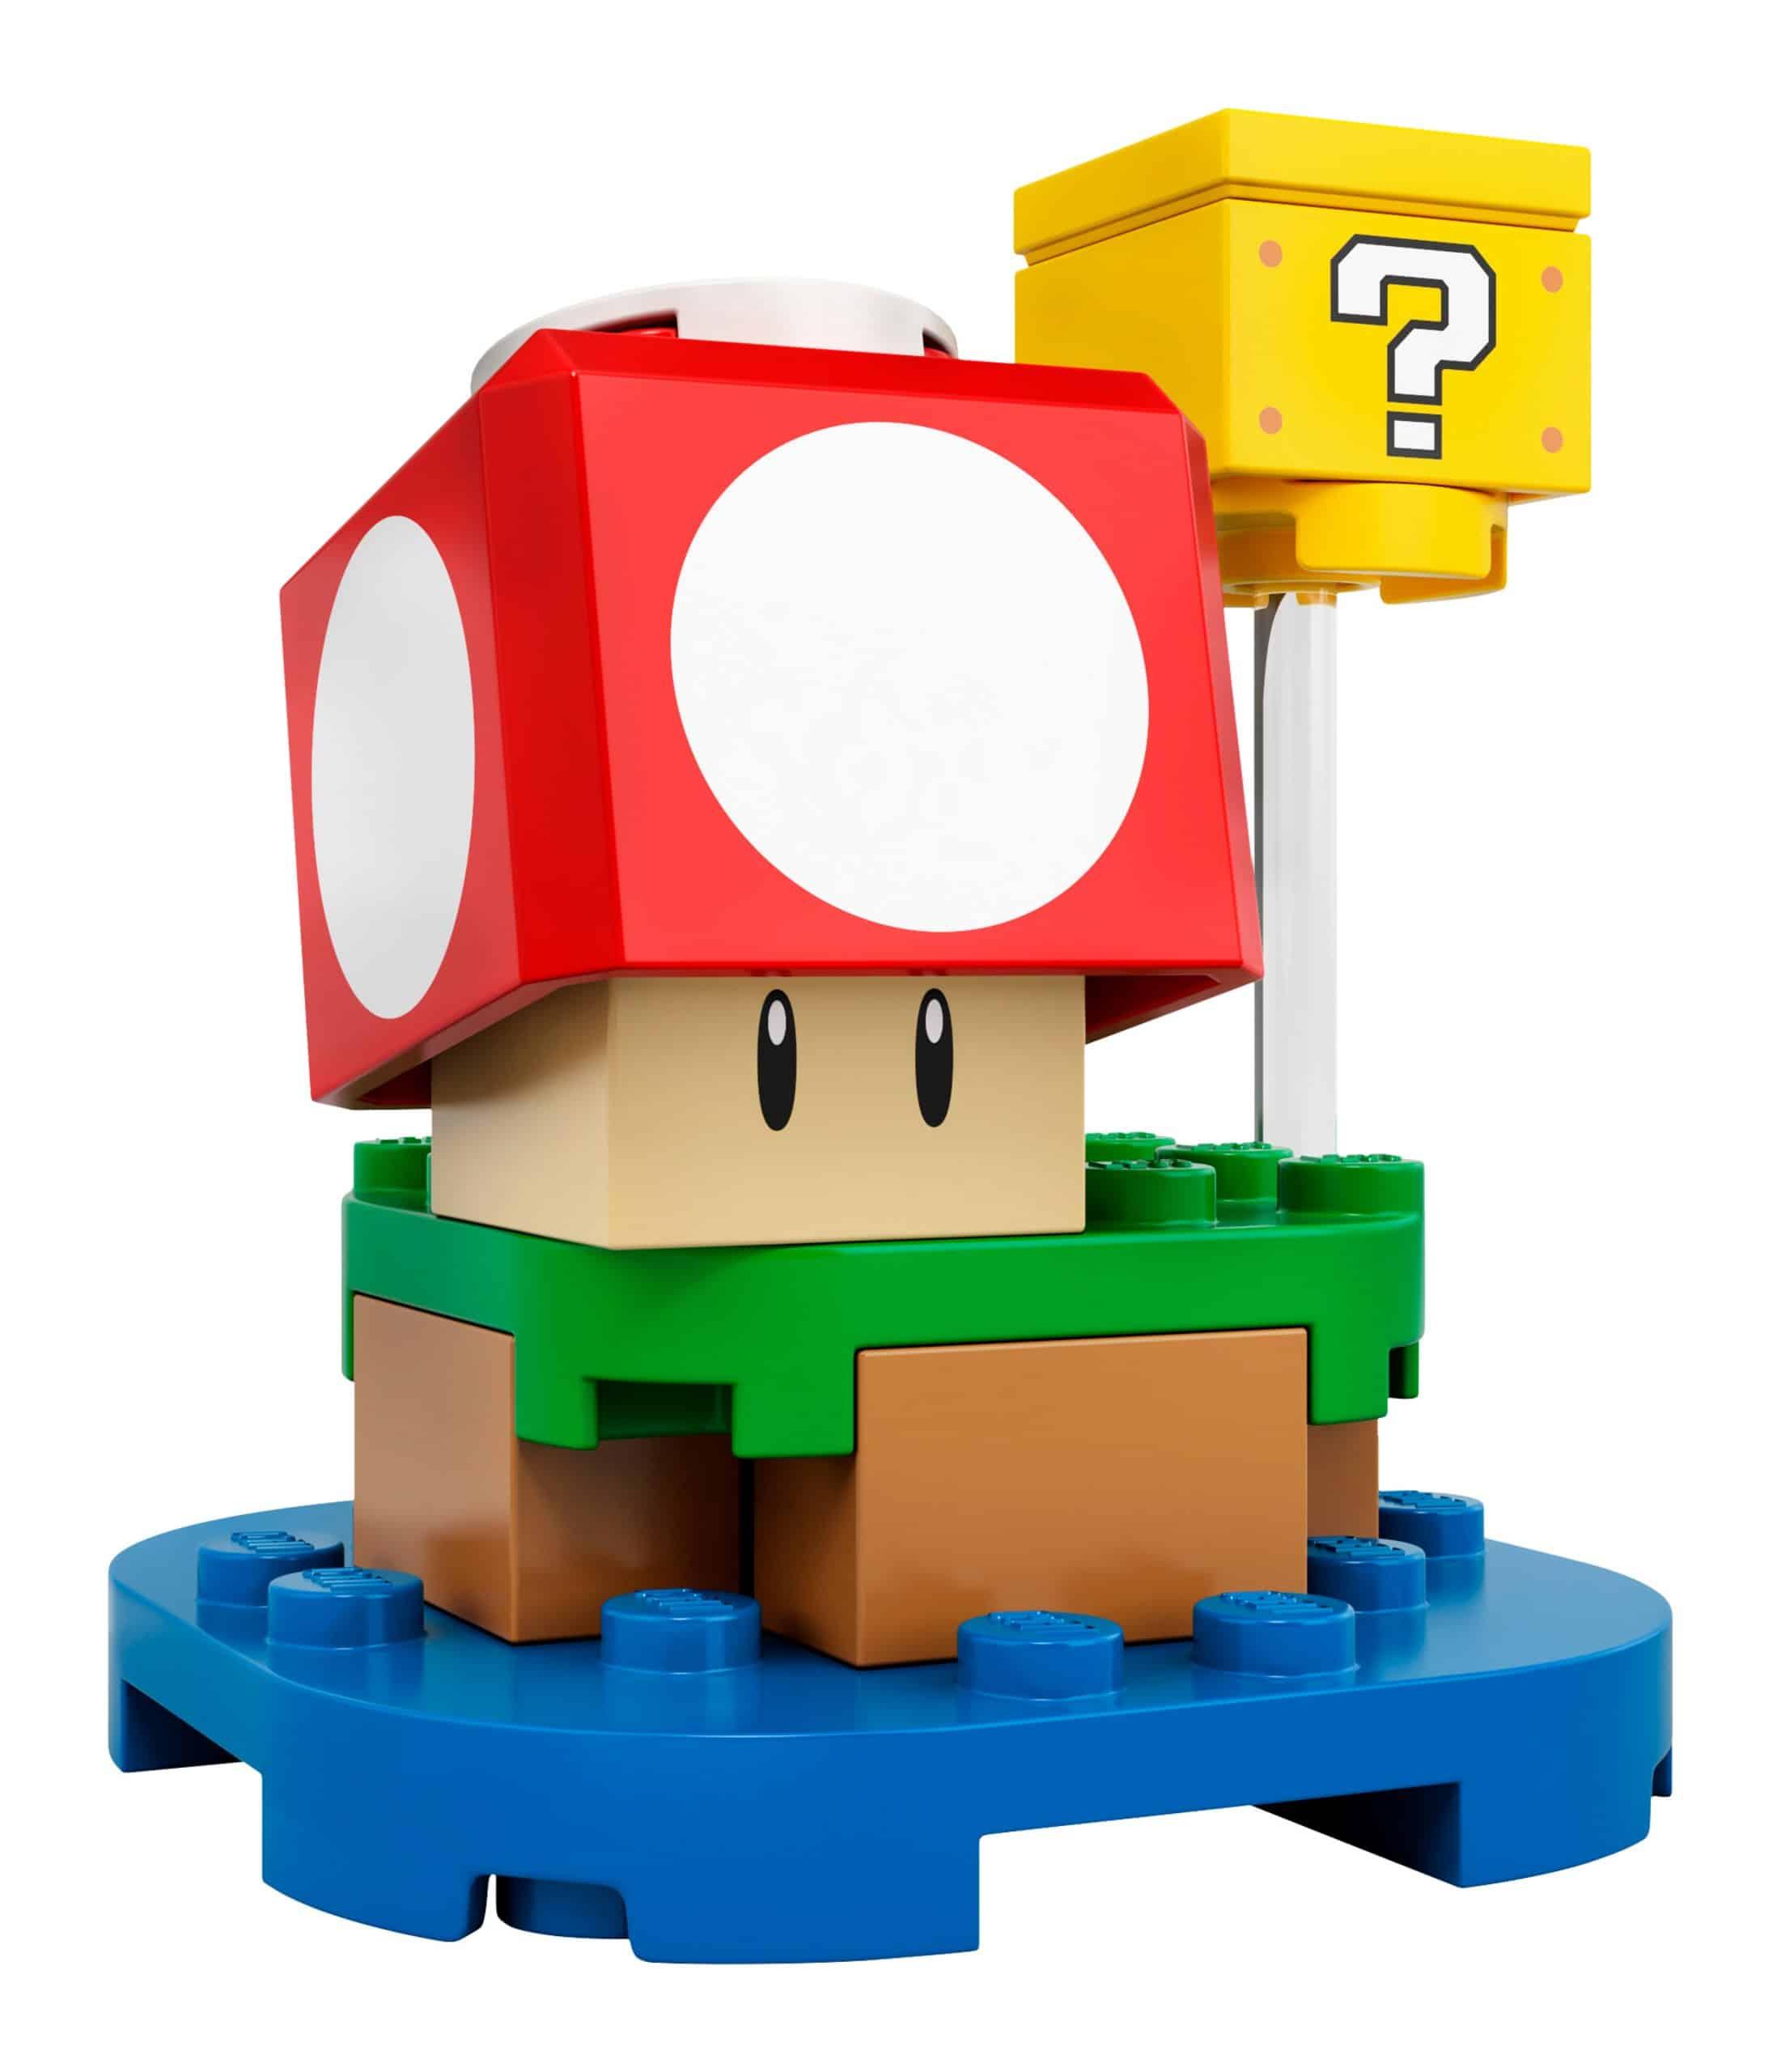 lego super mushroom verrassing uitbreidingsset 30385 scaled